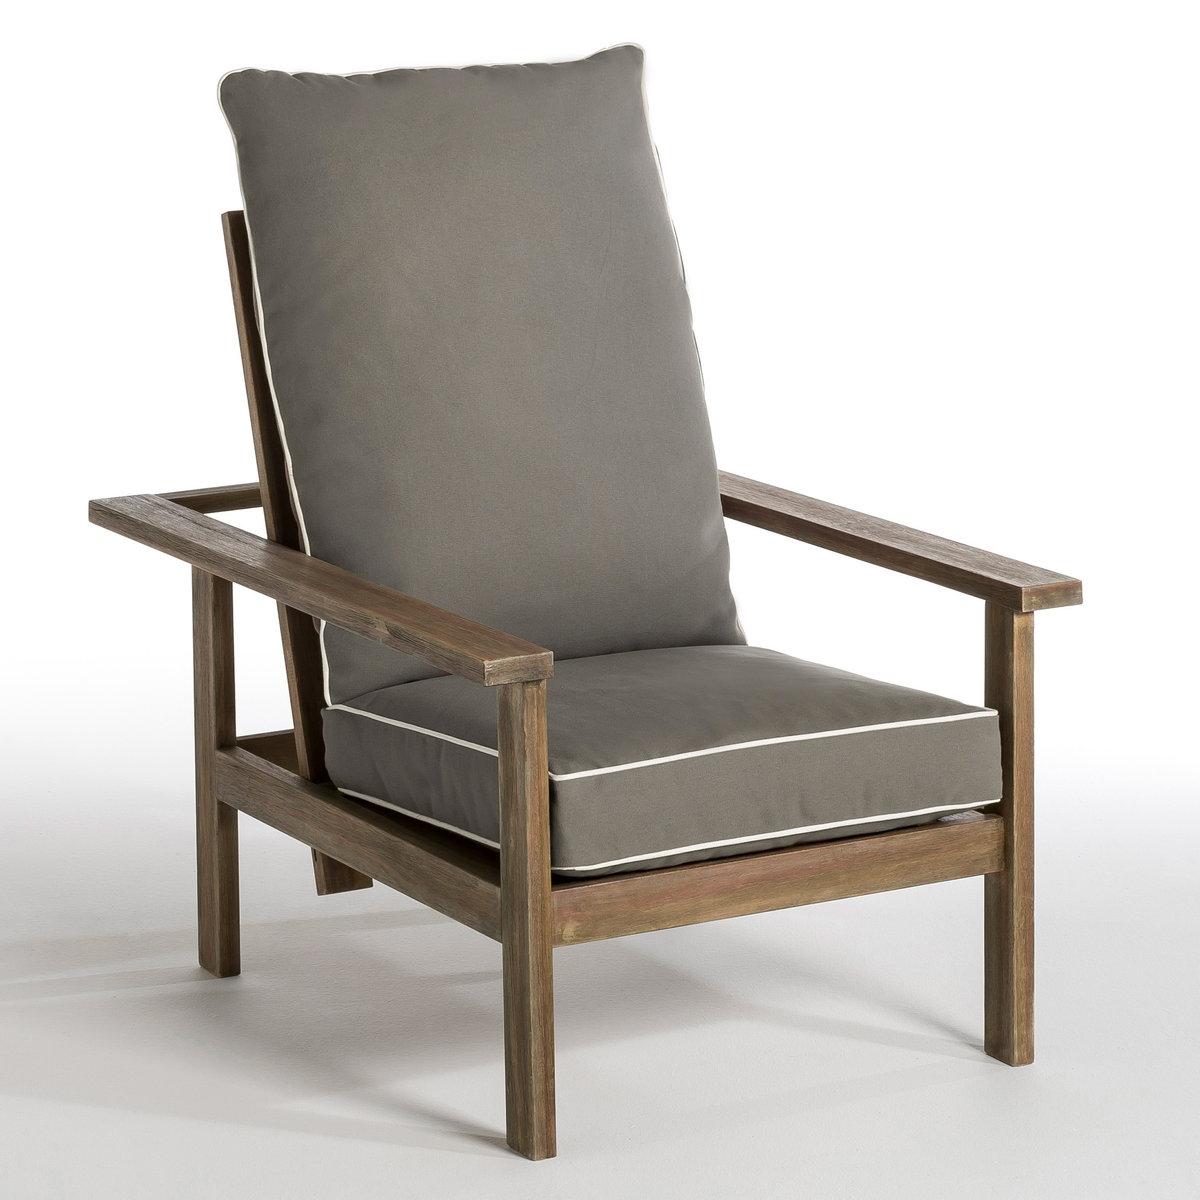 Подушки для кресла  MeltemНабор подушек : подушка для сидения + подушки под спину , подходящие для кресла Meltem.Характеристики : - Непревзойденный комфорт.- Натуральный хлопок. Окантовка цвета экрю.- Набивка  100 % полиэстера, полиуретановая пена.- Чехлы подушек съемные.Размеры :- Подушка под спину : Д.55 x ширина. 74 x высота.15 см .- Подушка для сиденья : Д.54 x Шир. 55,5 x Выс.10 см.<br><br>Цвет: светло-серый/экрю